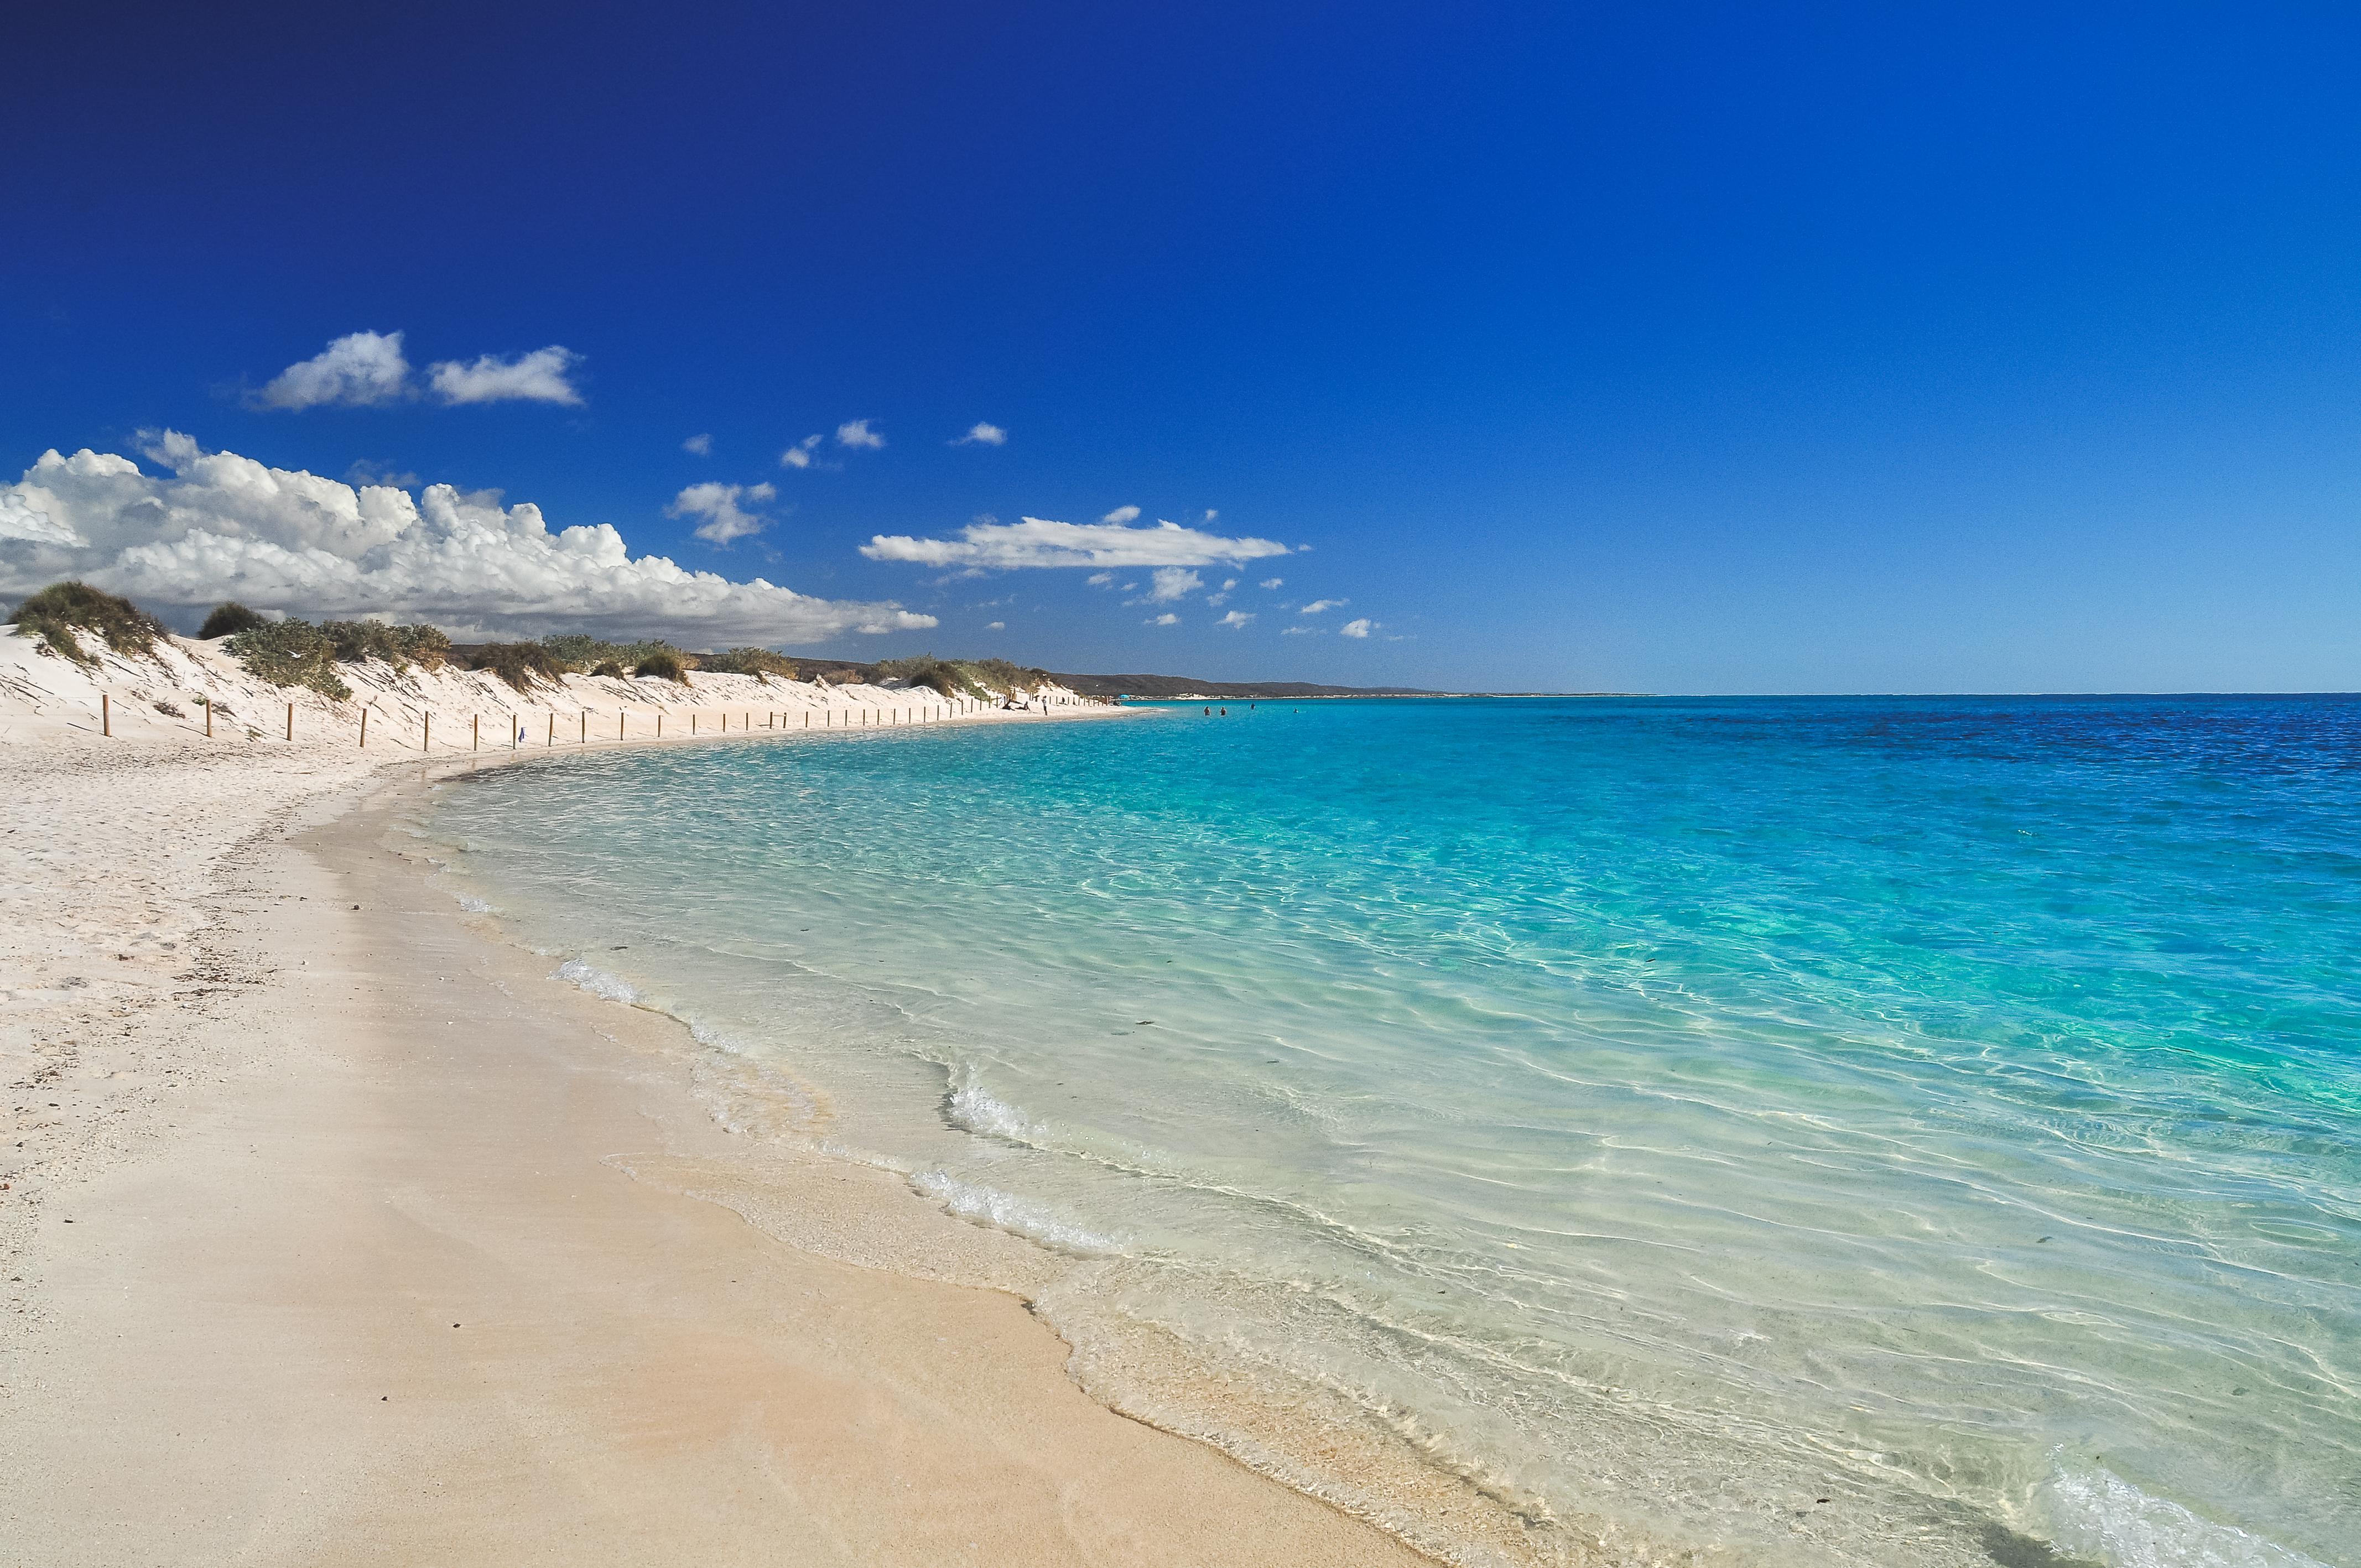 Ubicada cerca de la ciudad de Exmouth, se trata de la playa perfecta para todos los aficionados al snorkel. Si por algo destaca esta preciosa playa es por su proximidad a la barrera del arrecife de Ningaloo. De hecho, se encuentra a tan solo 100 metros. Más allá de su espectacular fondo, la playa destaca por su aspecto paradisíaco. Y es que estamos hablando de aguas cristalinas color turquesa y poco profundas, y arenas blancas que invitan al descanso